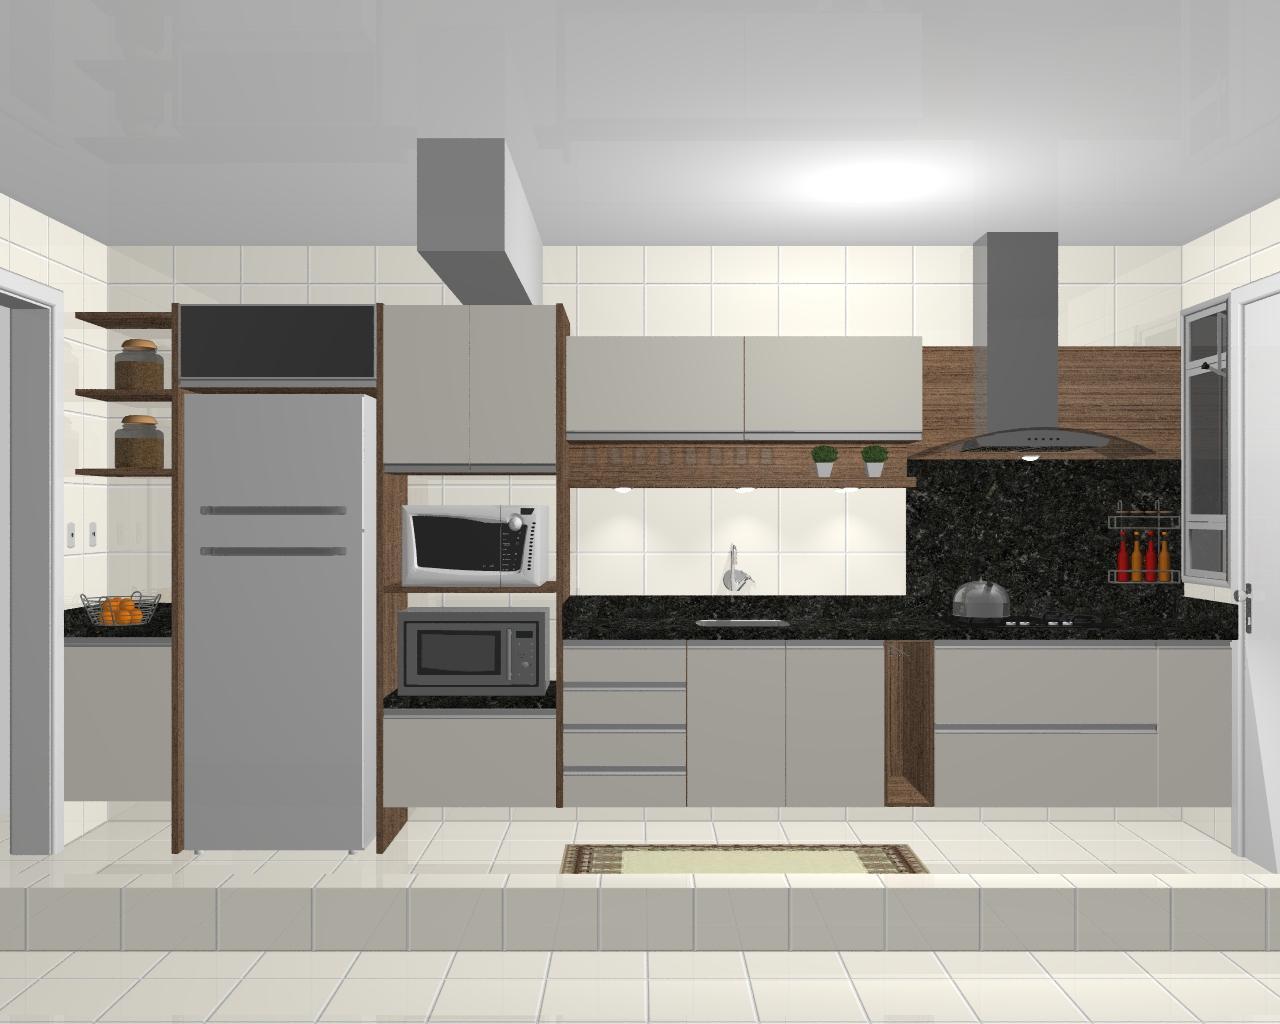 Imagens renderizadas de cozinhas criadas e executadas pela ATUALLE #AD641E 1280 1024